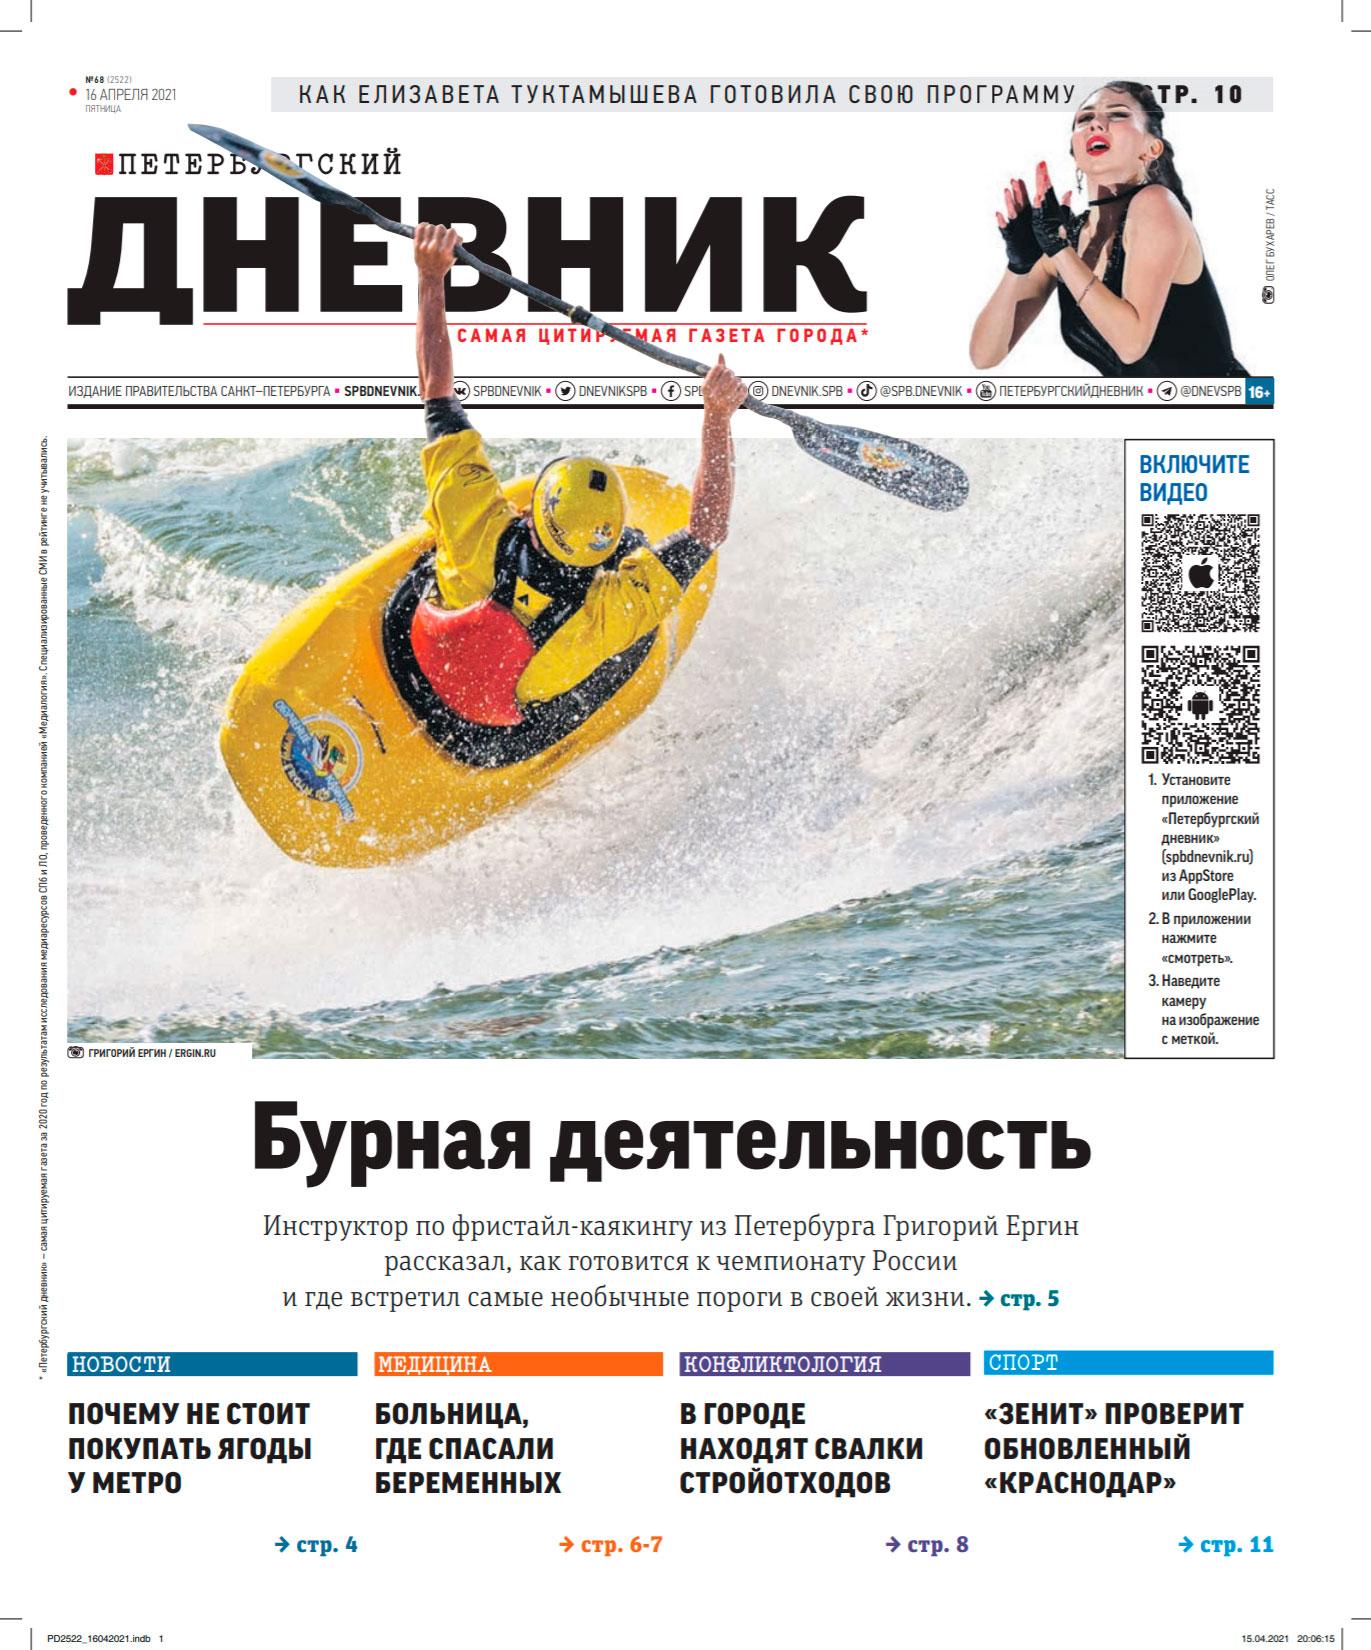 Петербургский дневник, бурная деятельность - статья о каякинге, фристайле на бурной воде